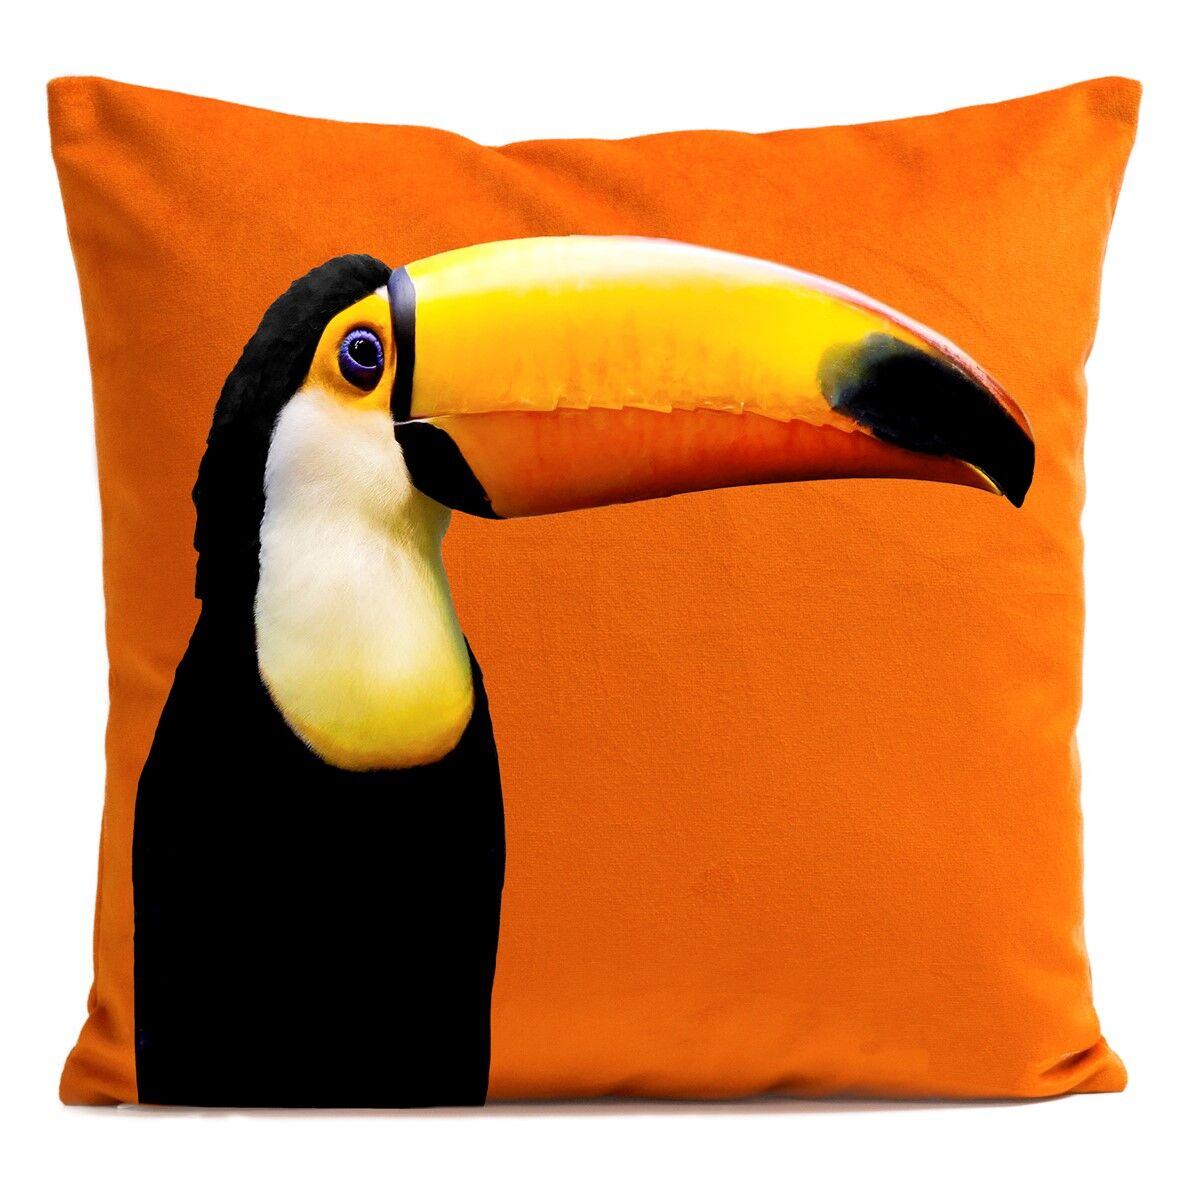 Artpilo Coussin velours carré imprimé animaux orange vif 40x40